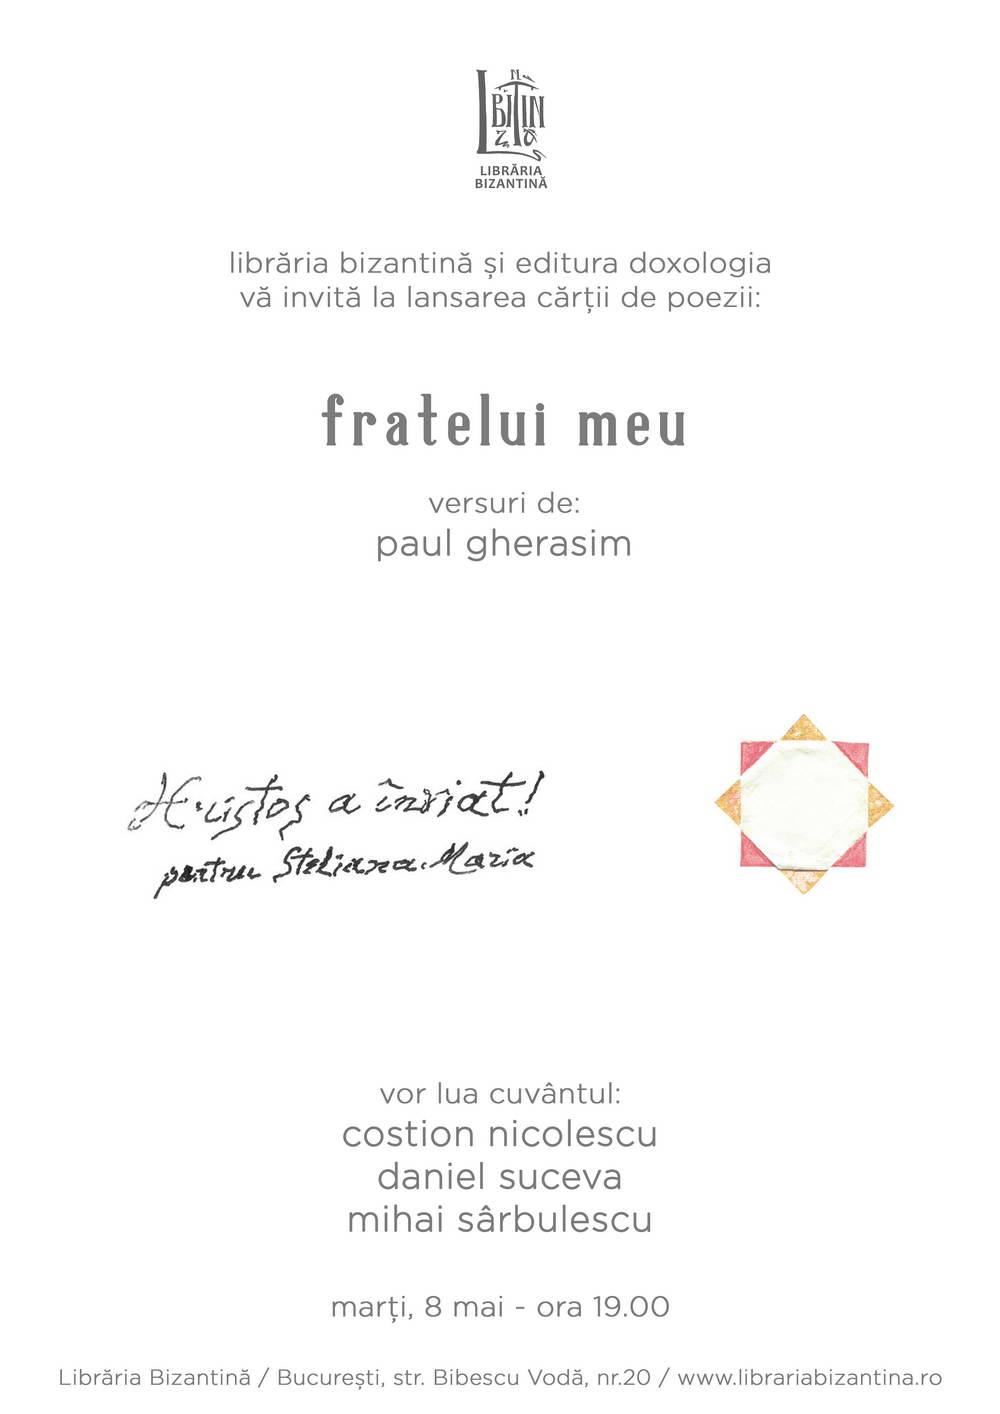 """Marti, 8 mai, 2018, ora 19:00 - Lansarea volumului de versuri """"Fratelui meu"""", semnat Paul Gherasim"""